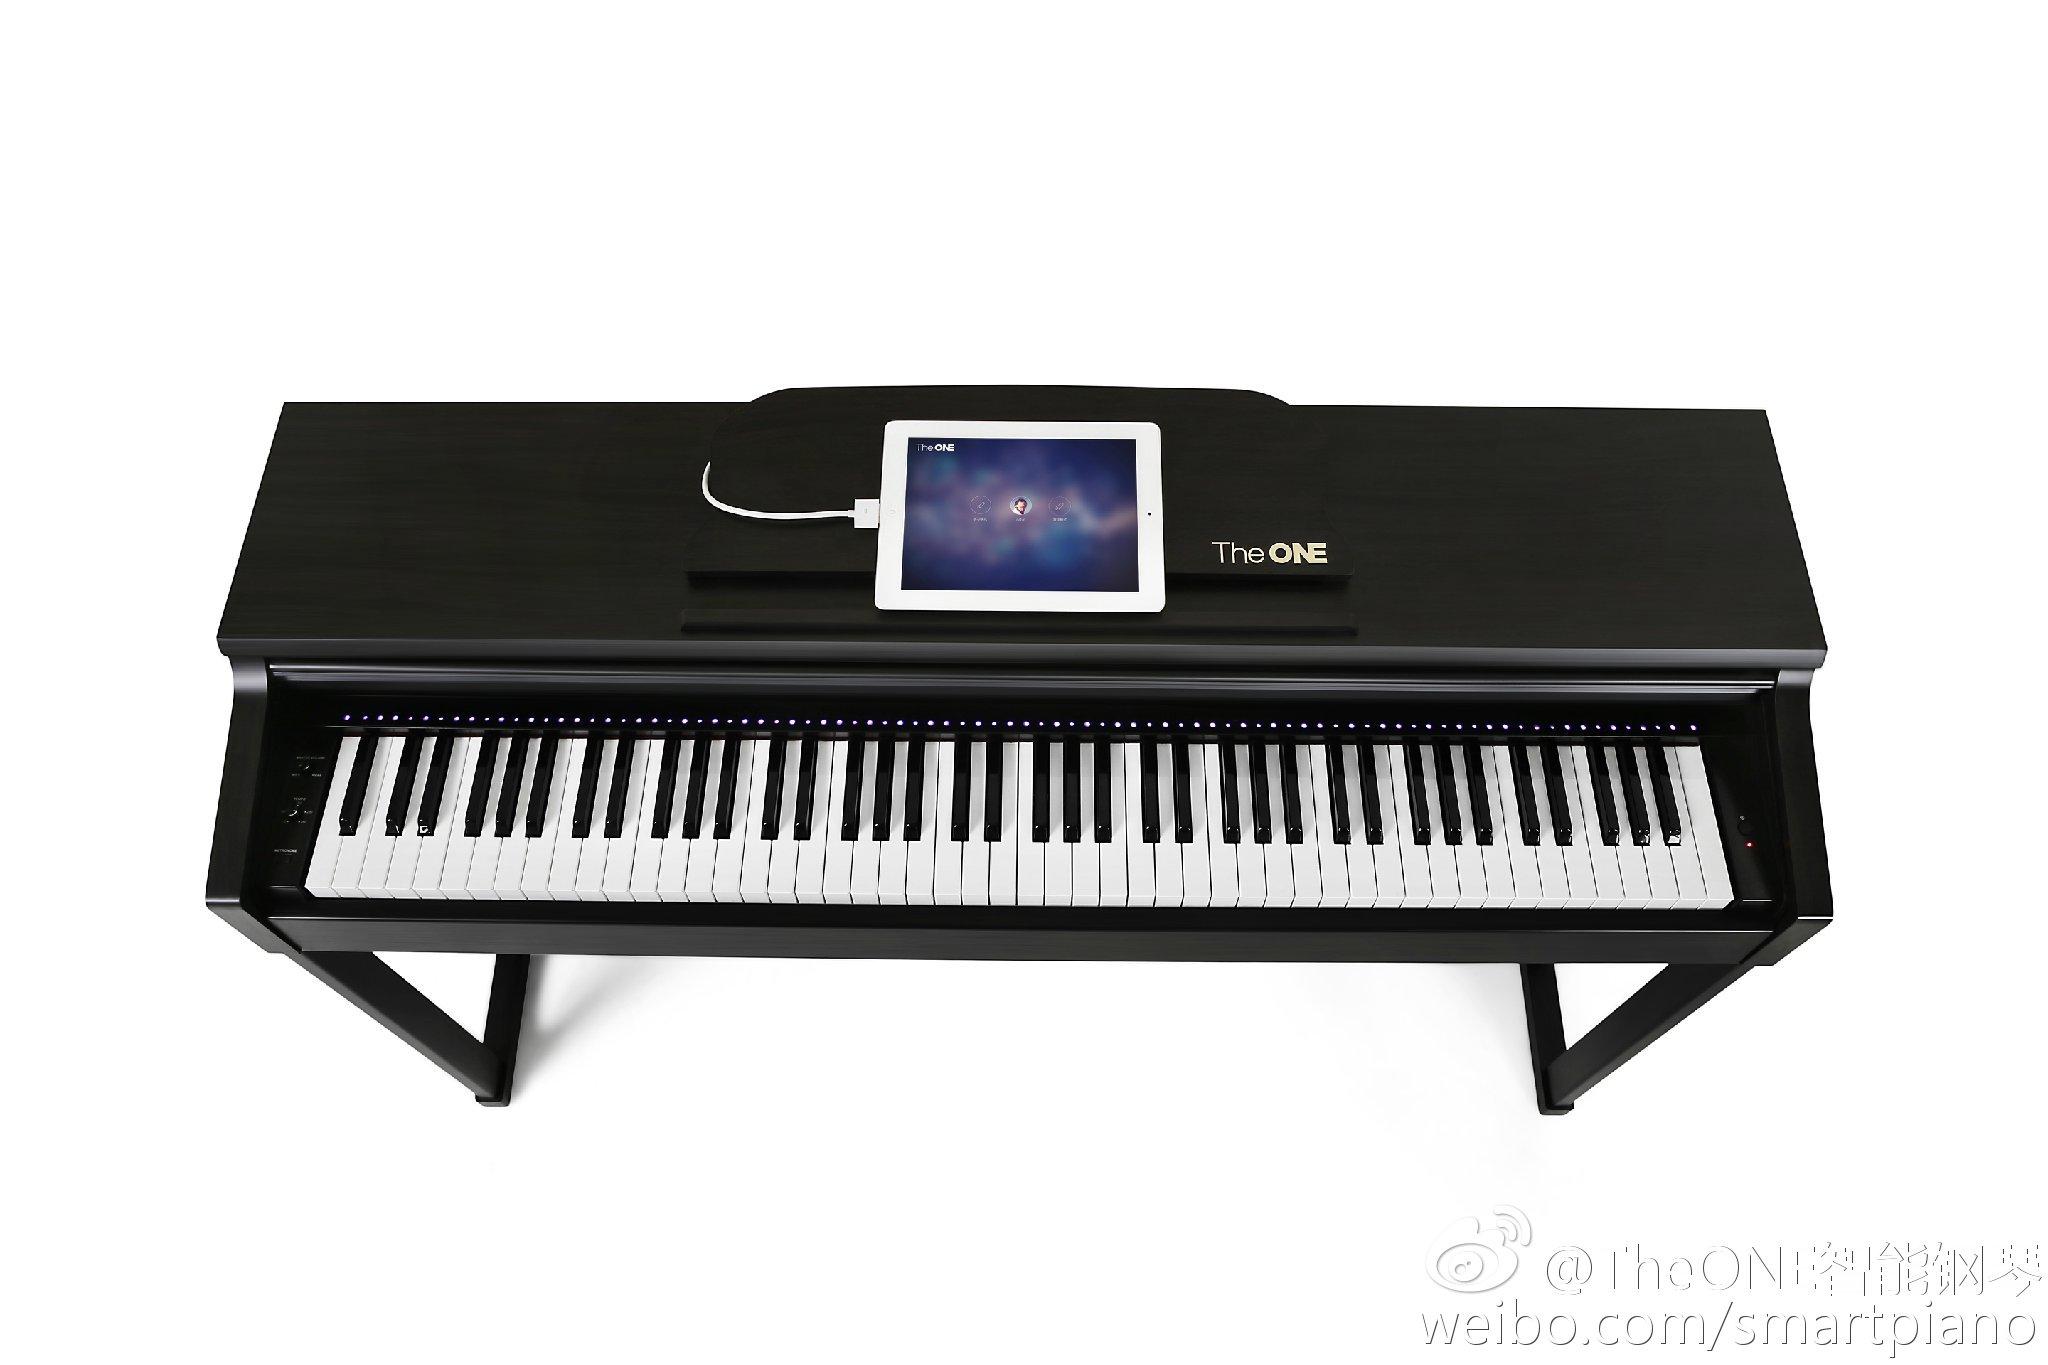 全新the one 智能钢琴